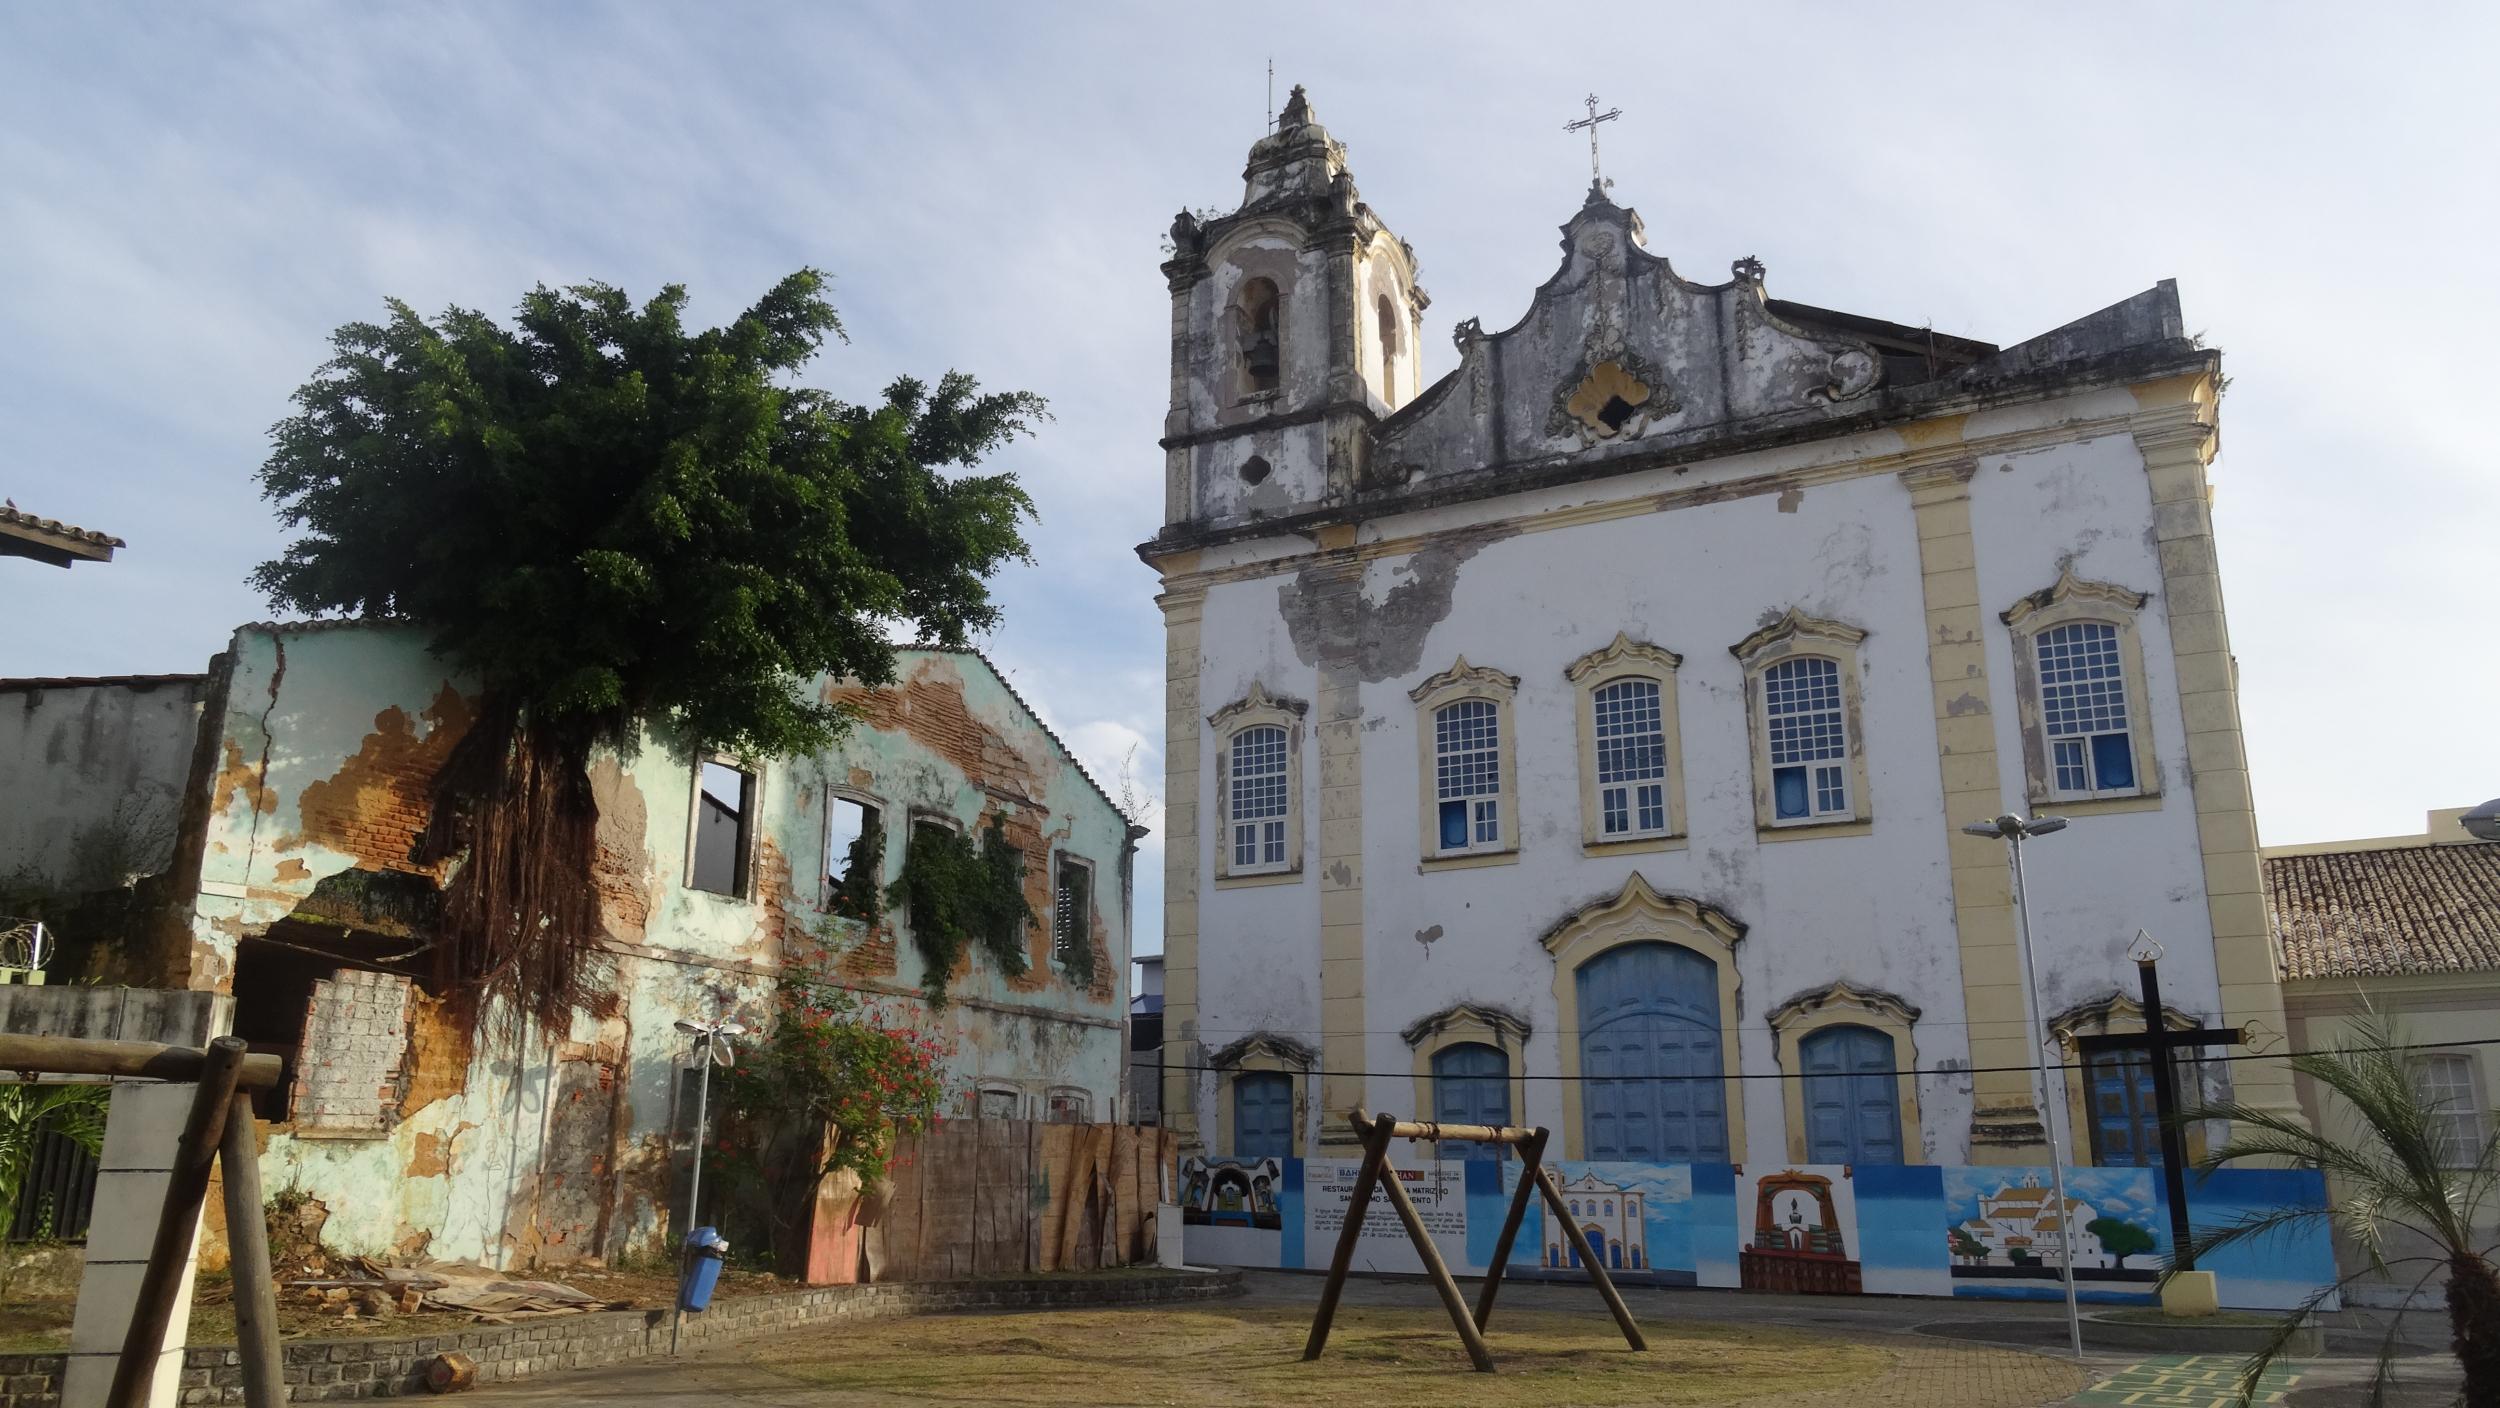 32. Church square in Itaparica